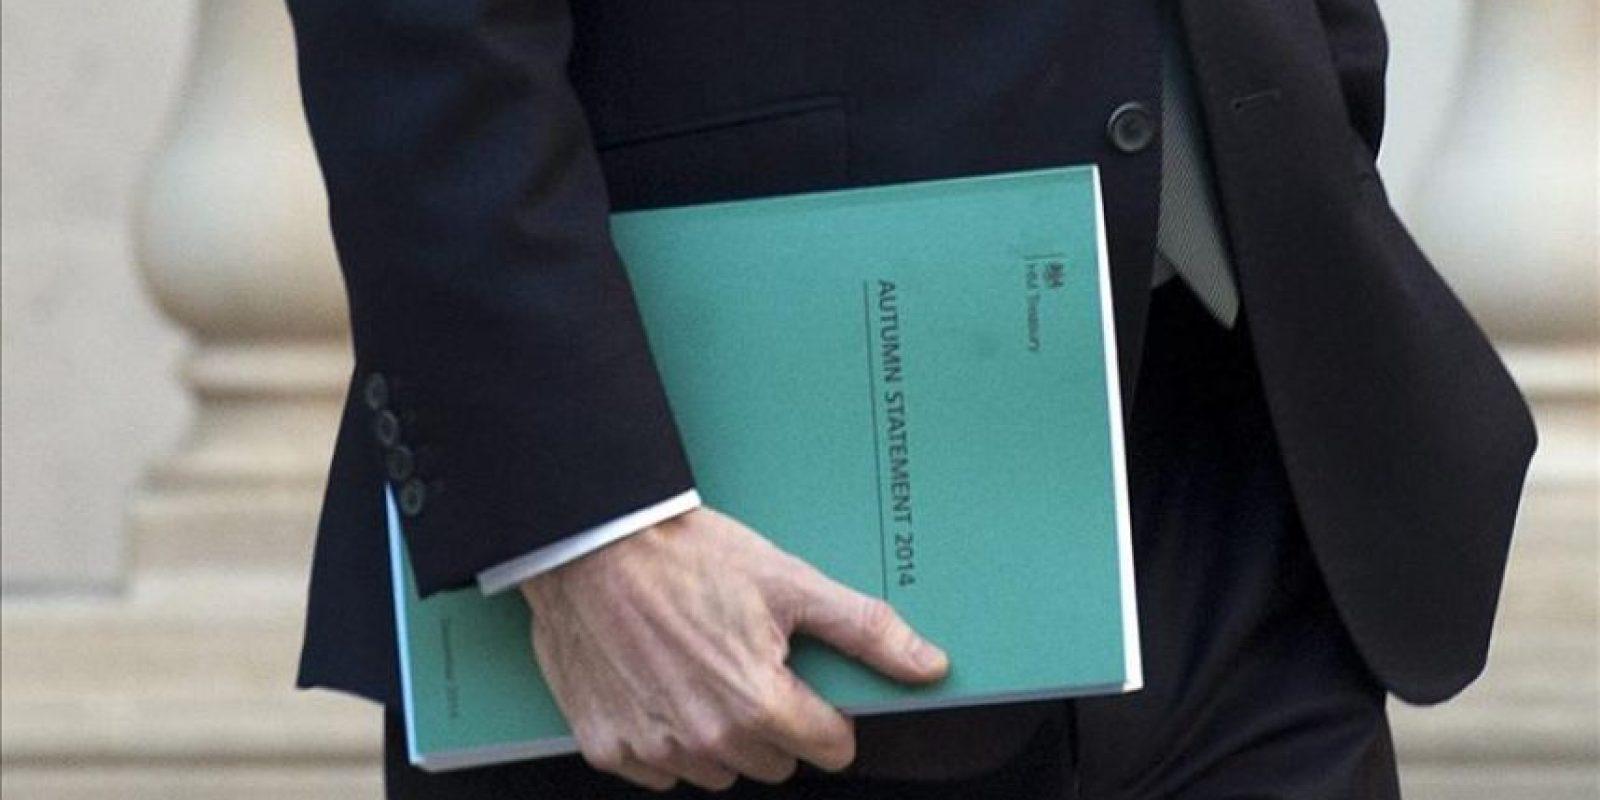 El ministro británico de Economía, George Osborne, sujeta una copia de la llamada Declaración de otoño mientras abandona la sede del Tesoro en Londres (Reino Unido), para dirigirse a la Cámara de los Comunes, hoy. Osborne ha presentado ante los diputados la llamada Declaración de otoño, en la que adelanta sus planes en cuanto a inversiones, recortes e impuestos para el Presupuesto del Estado, que se dará a conocer en marzo. El país celebrará sus elecciones generales en menos de seis meses. EFE